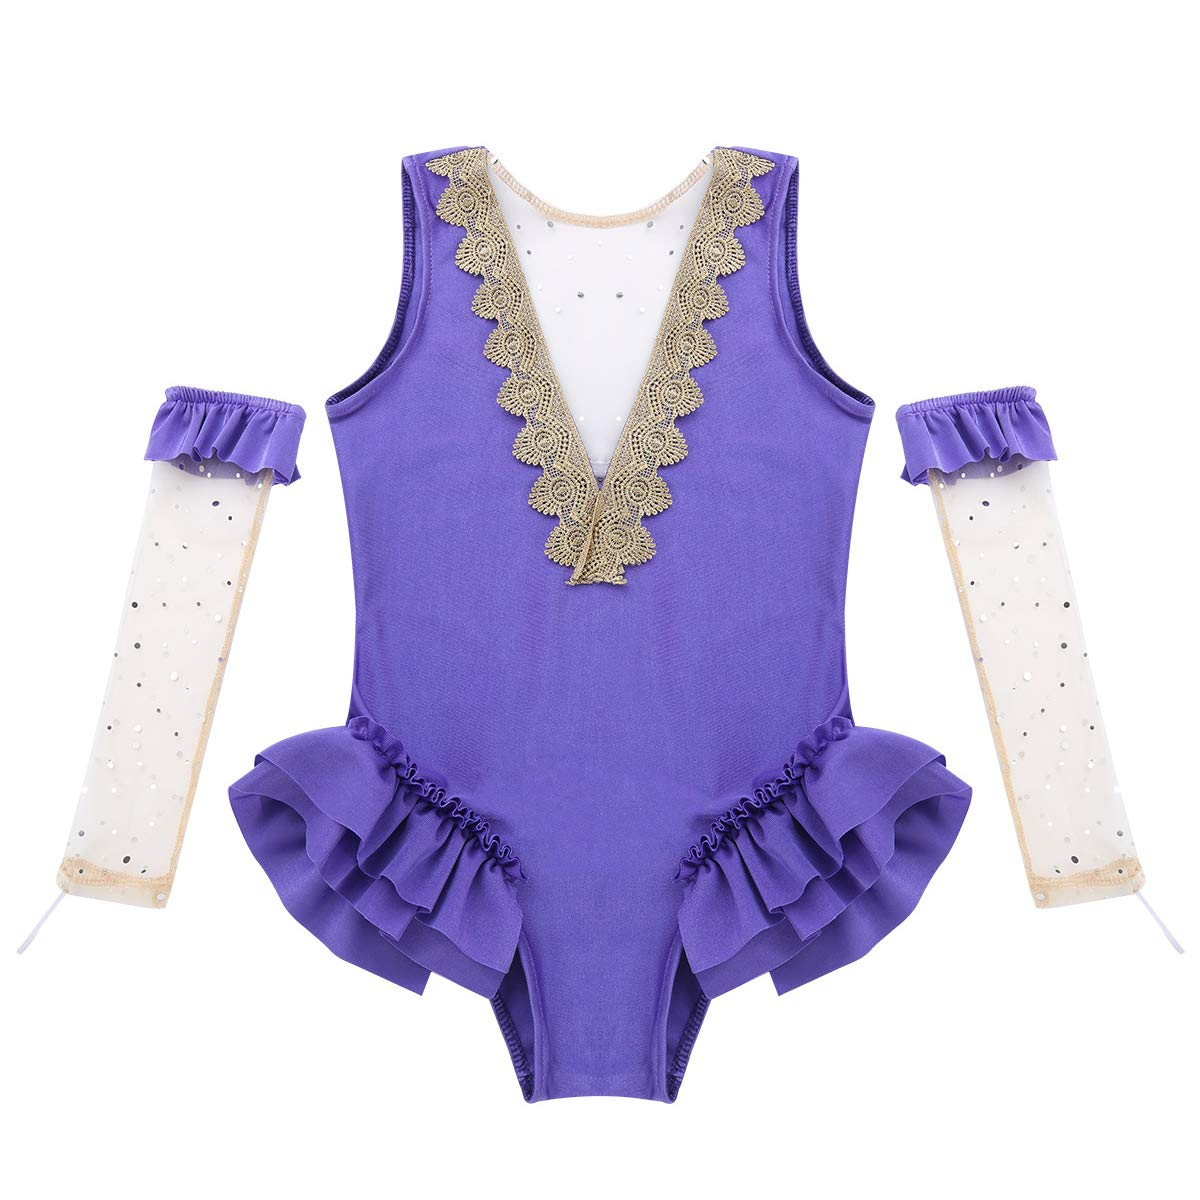 Agoky Enfant Fille Justaucorps Danse Ballet Gym Cirque Performance Body Col V Barboteuses sans Manche D/éguisements Princesse Great/ést Showman Costume Cosplay Halloween 3-8 Ans